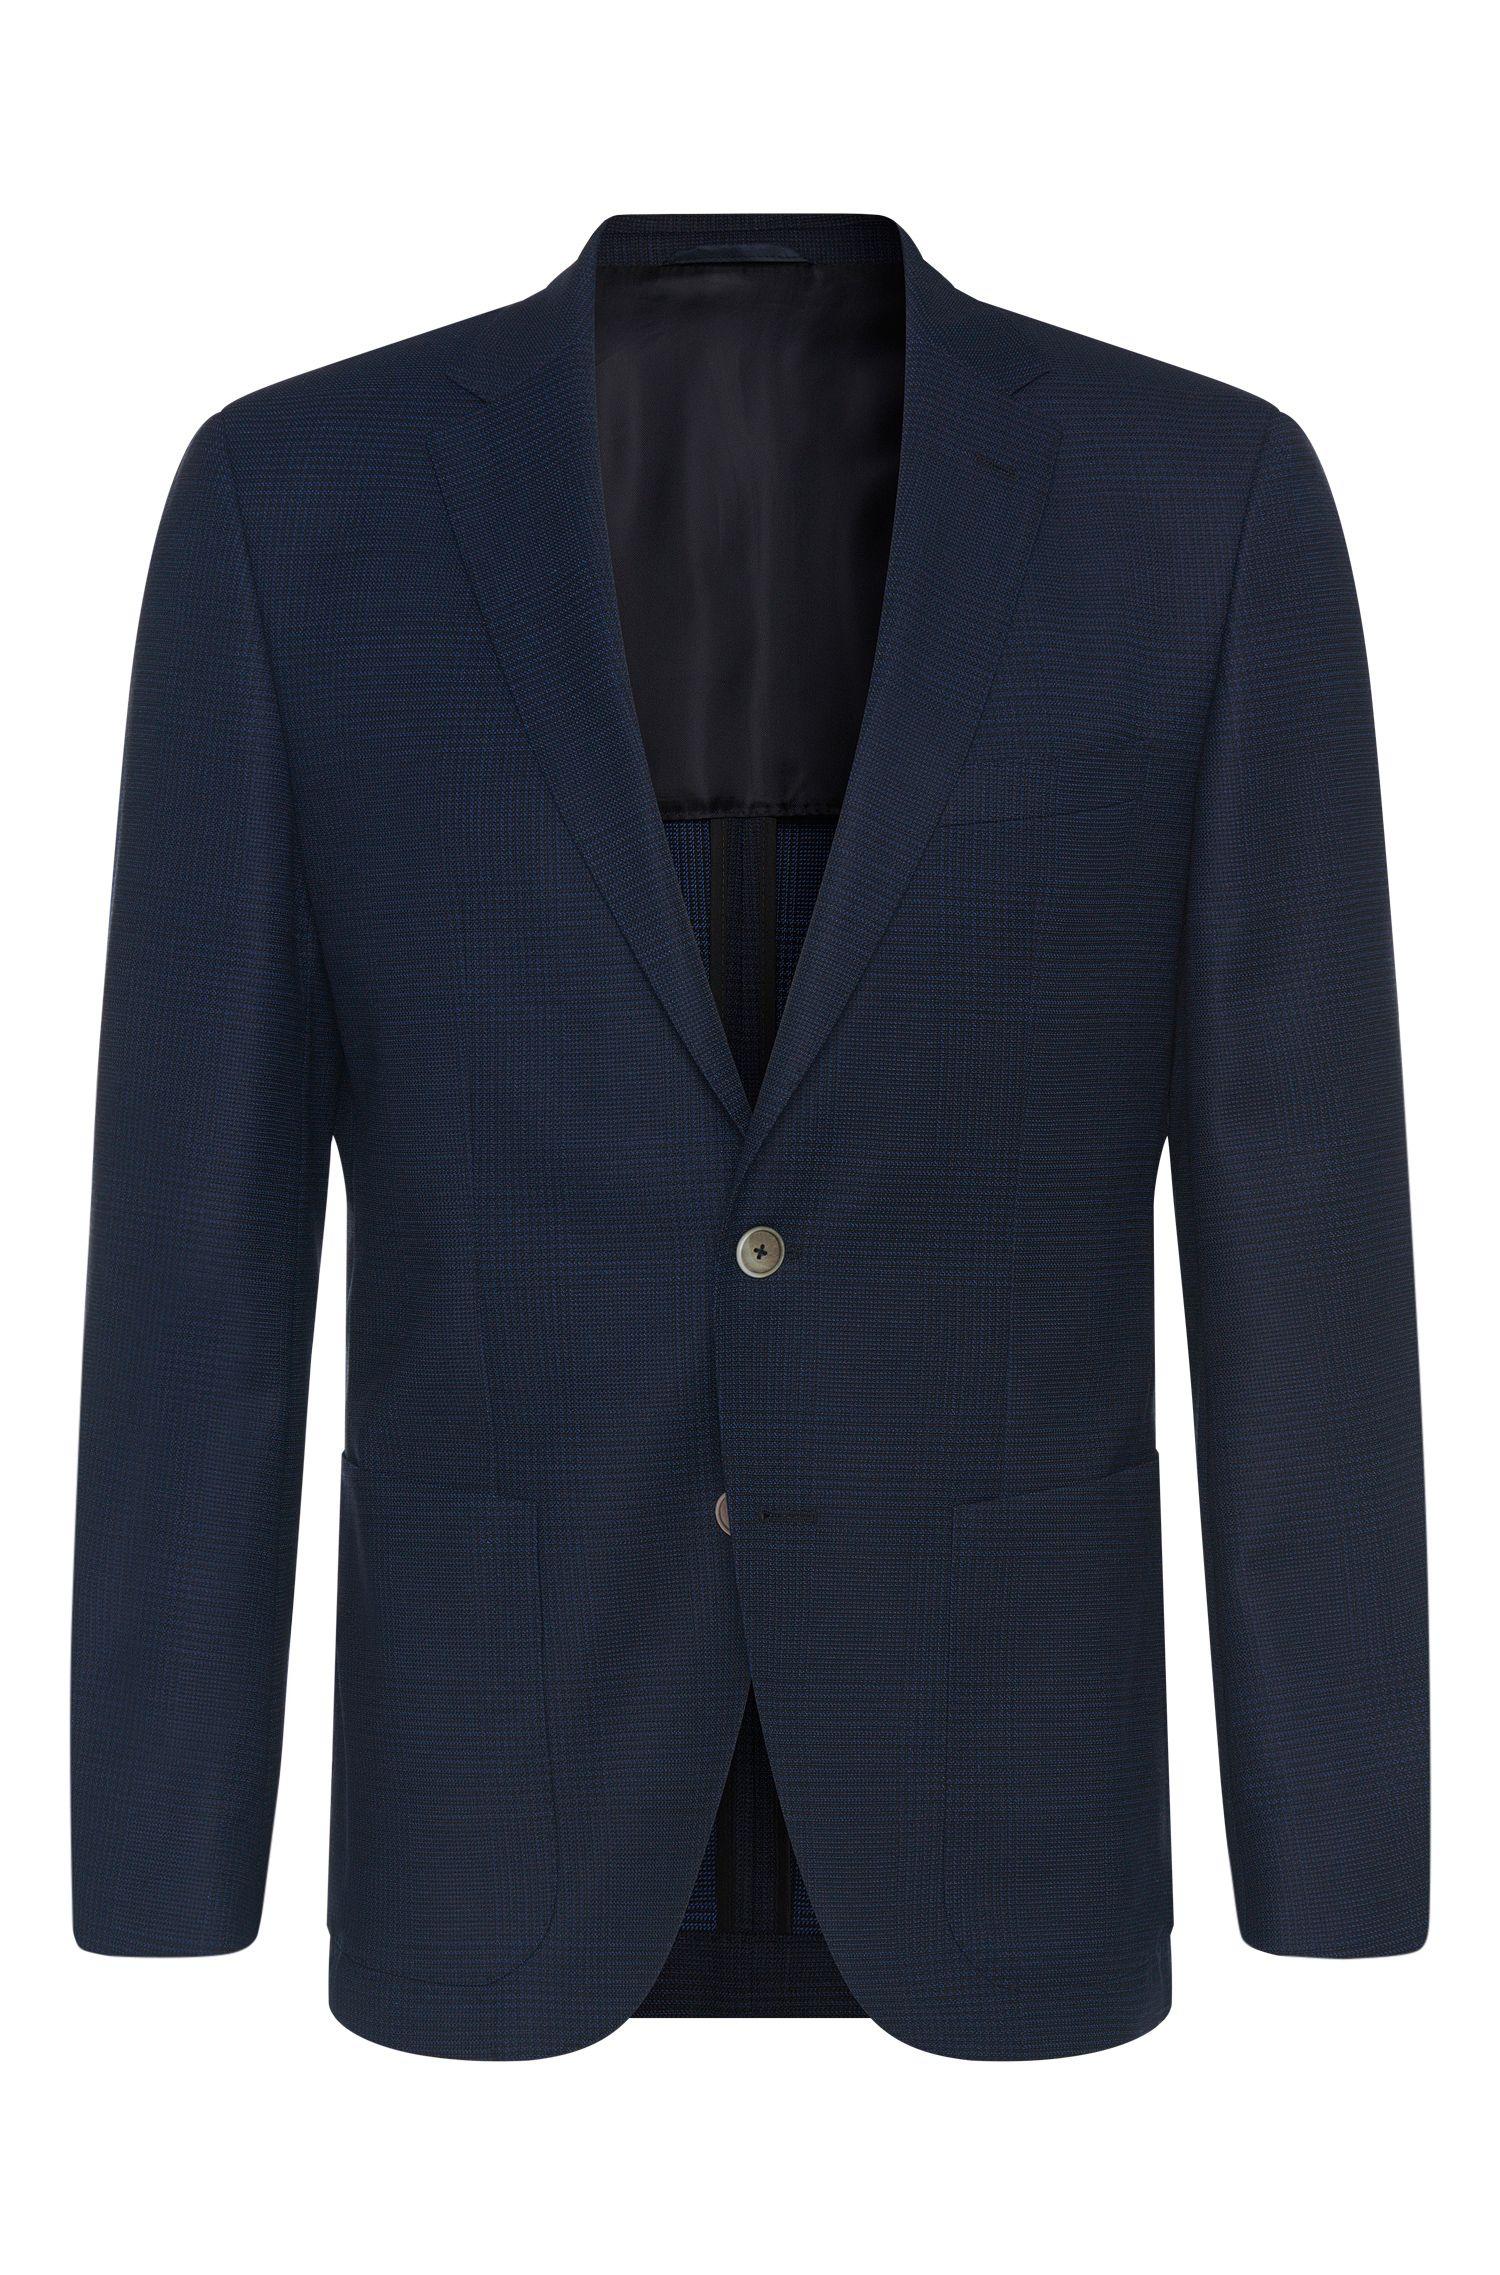 'Janson' | Regular Fit, Italian Virgin Wool Silk Patterned Sport Coat